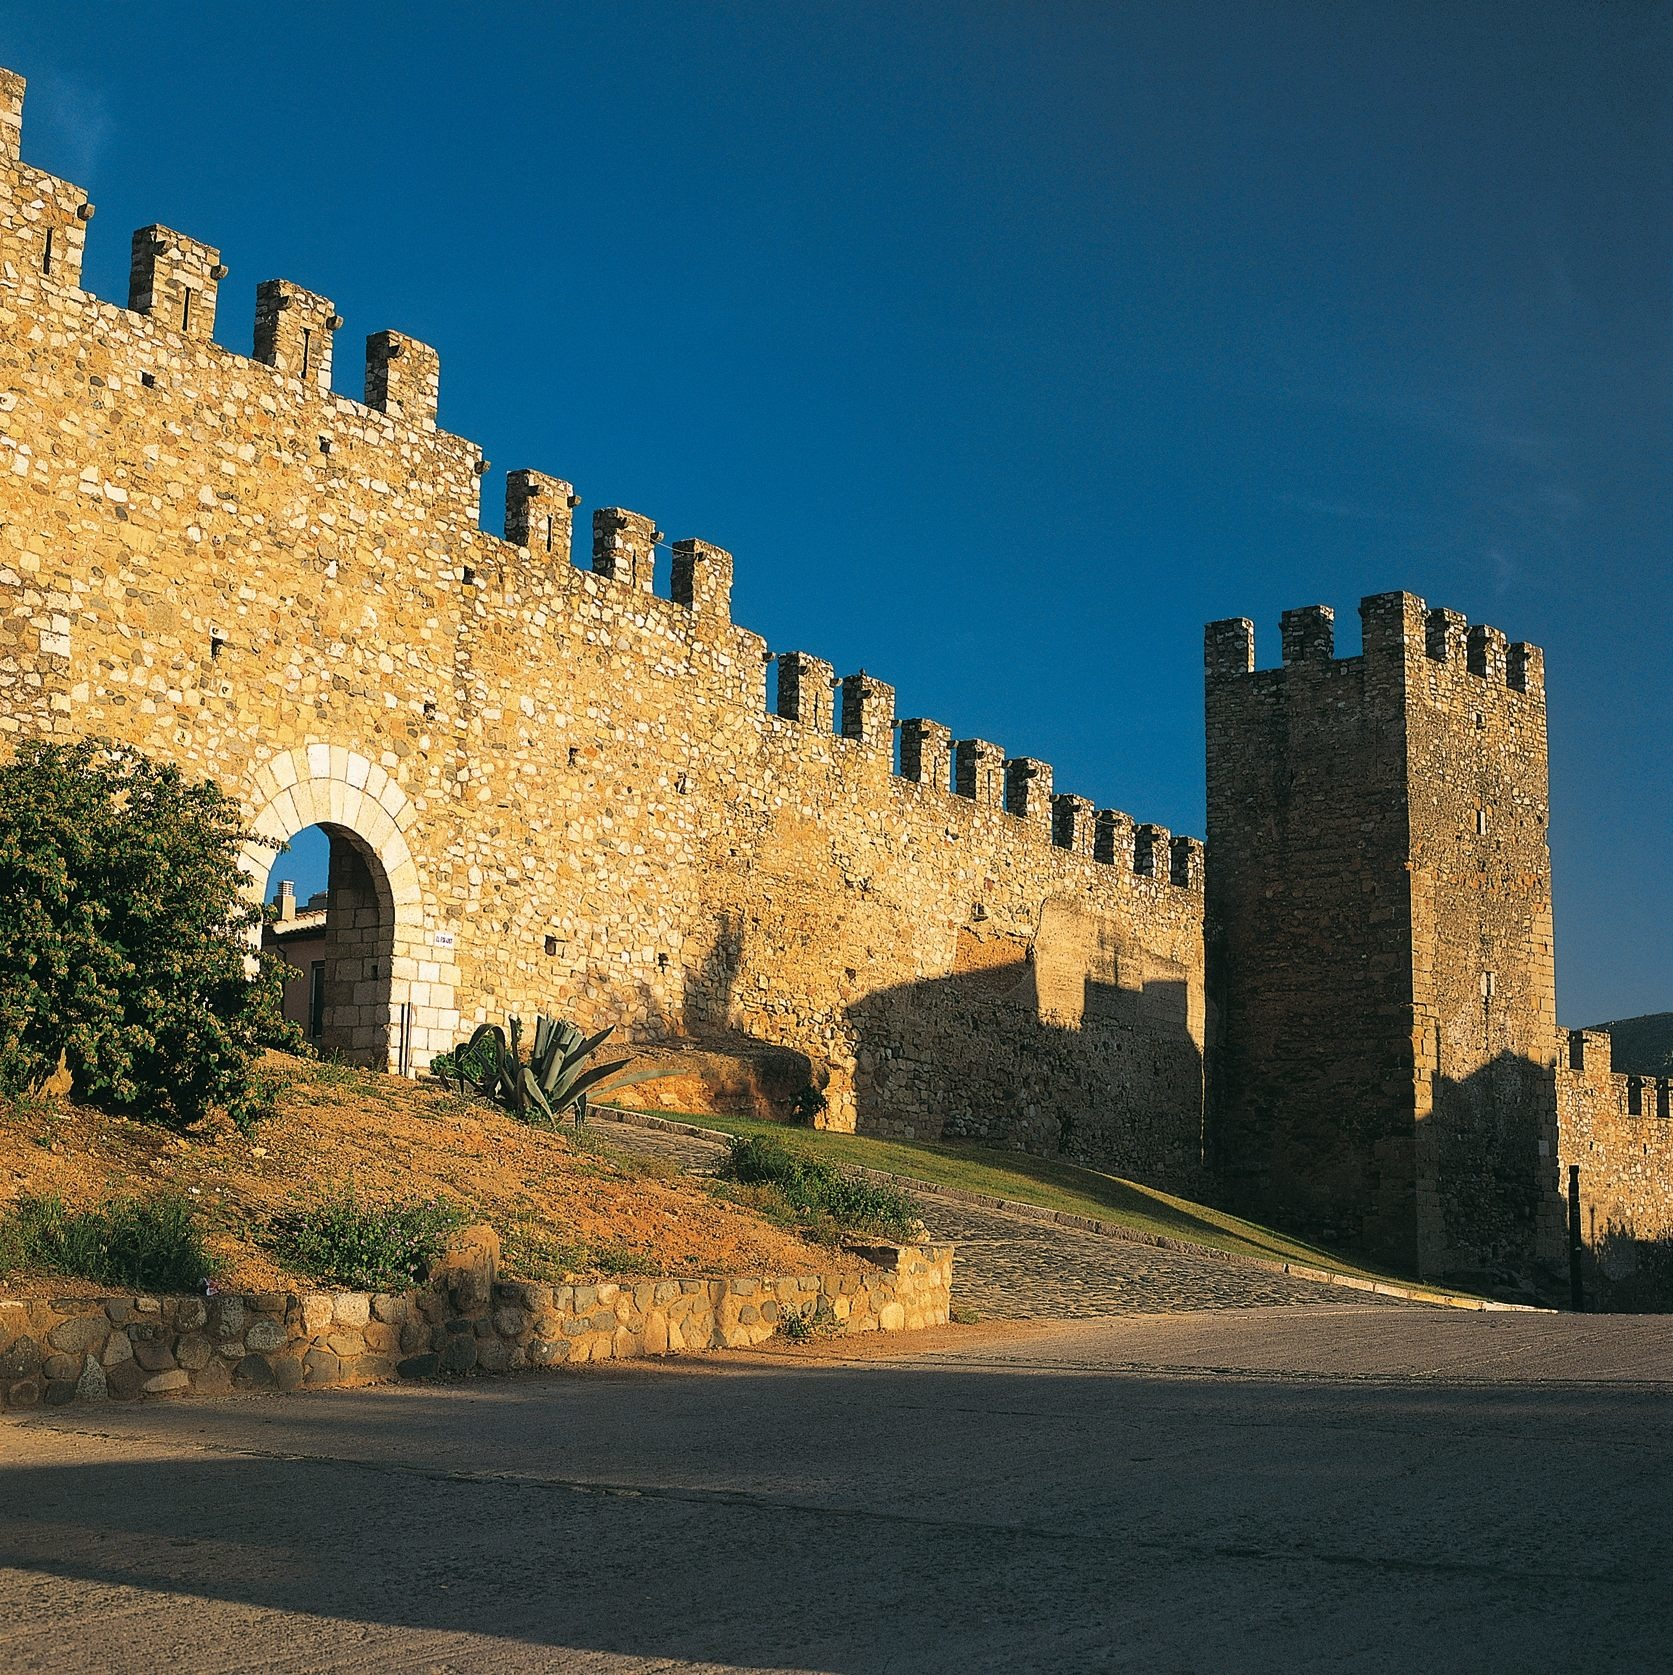 Montblanc muralles